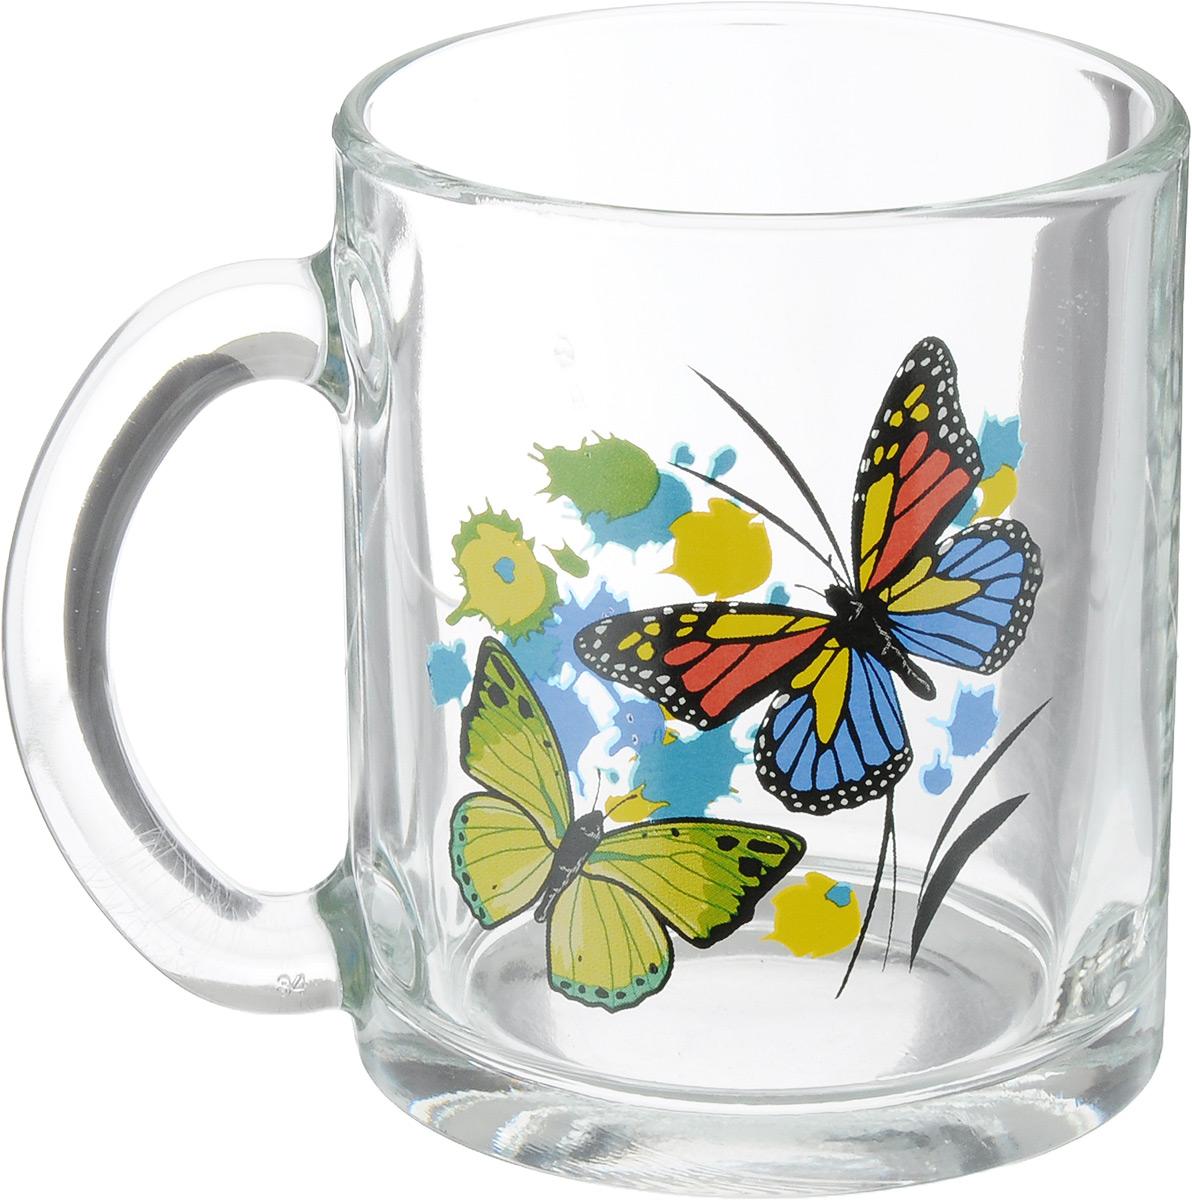 Кружка OSZ Чайная. Танец бабочек, 320 мл04C1208-TBM_вид 2Кружка OSZ Чайная. Танец бабочек изготовлена из прозрачного стекла и украшена красивым рисунком. Изделие идеально подходит для сервировки стола. Кружка не только украсит ваш кухонный стол, но и подчеркнет прекрасный вкус хозяйки. Диаметр кружки (по верхнему краю): 8 см. Высота кружки: 9,5 см. Объем кружки: 320 мл.